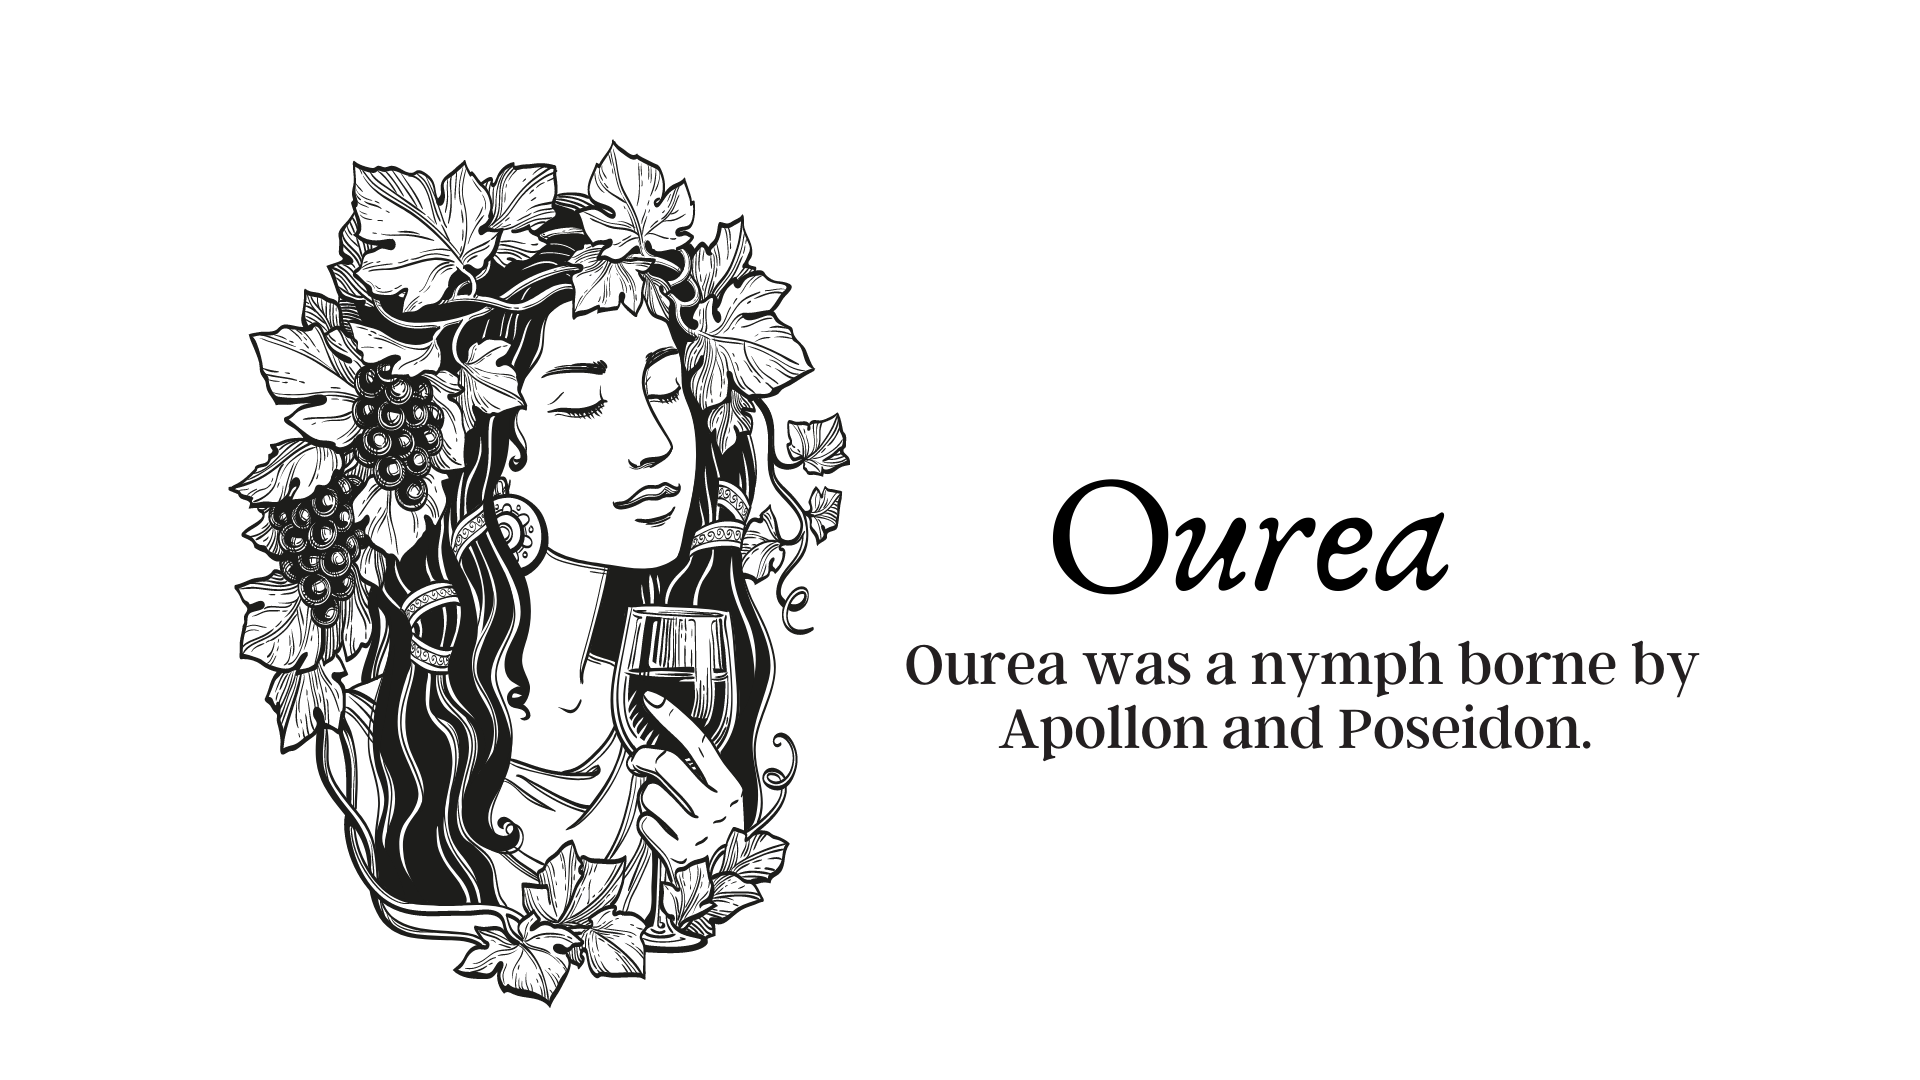 Ourea